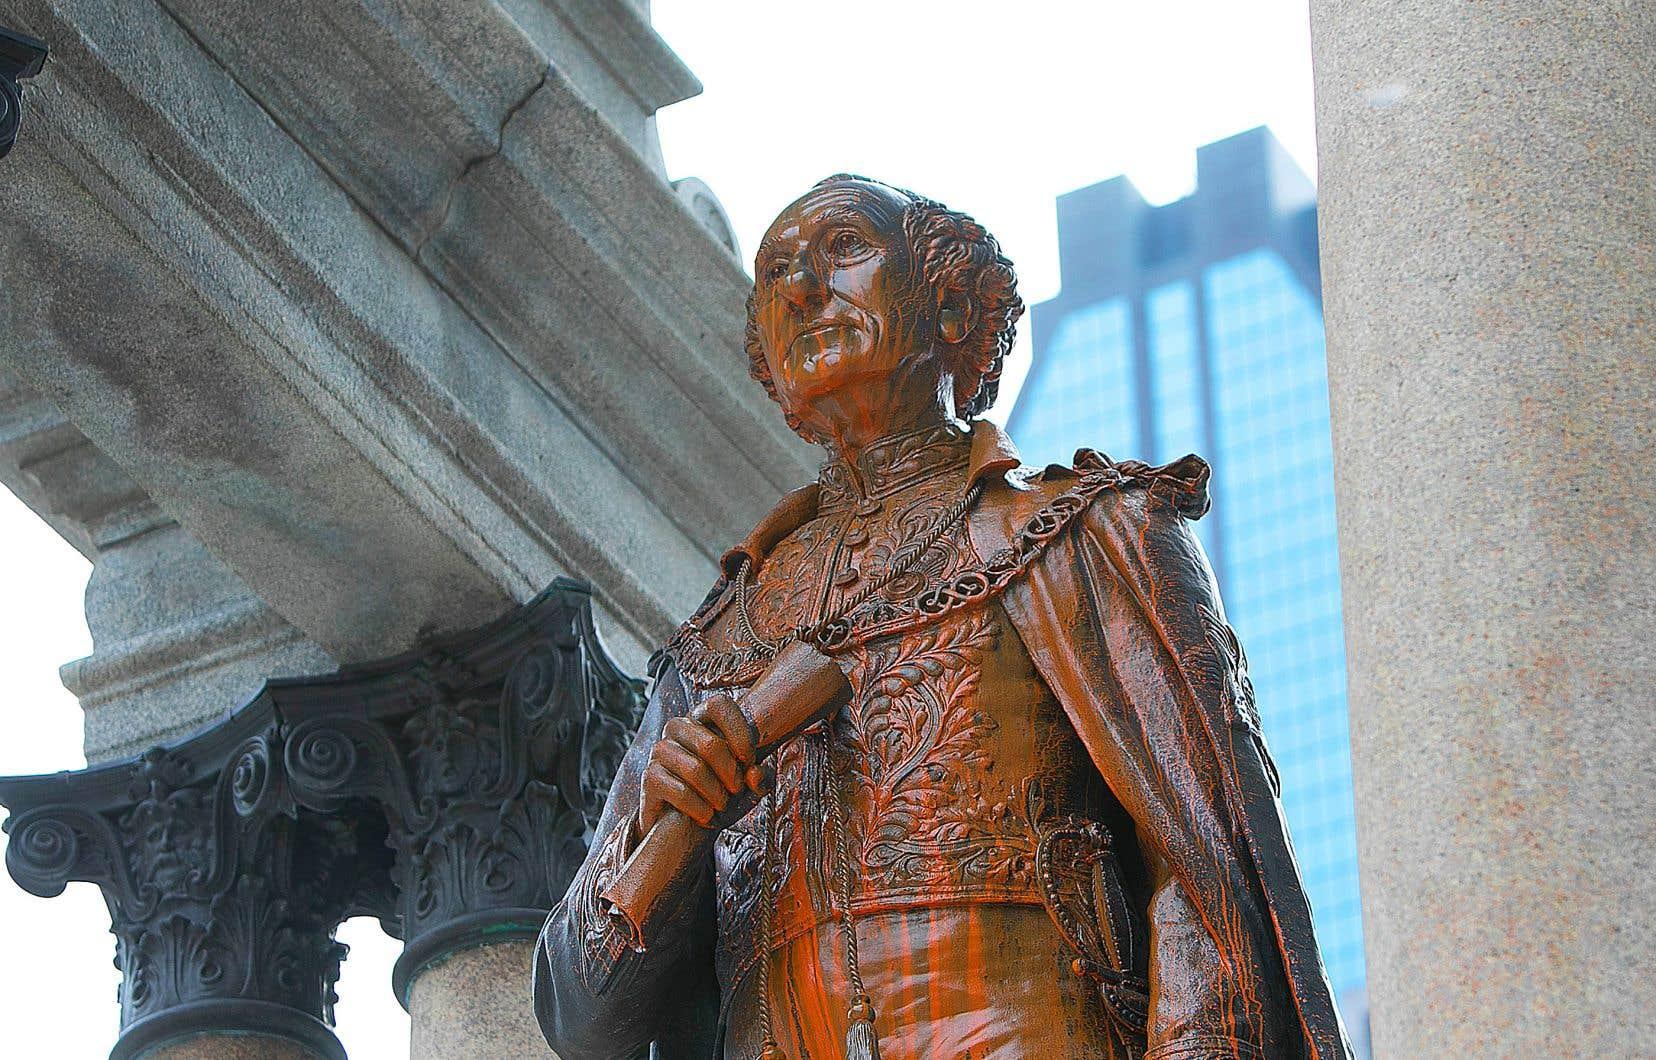 Le monument a été fréquemment ciblé par des gestes du genre au cours des 18 derniers mois.